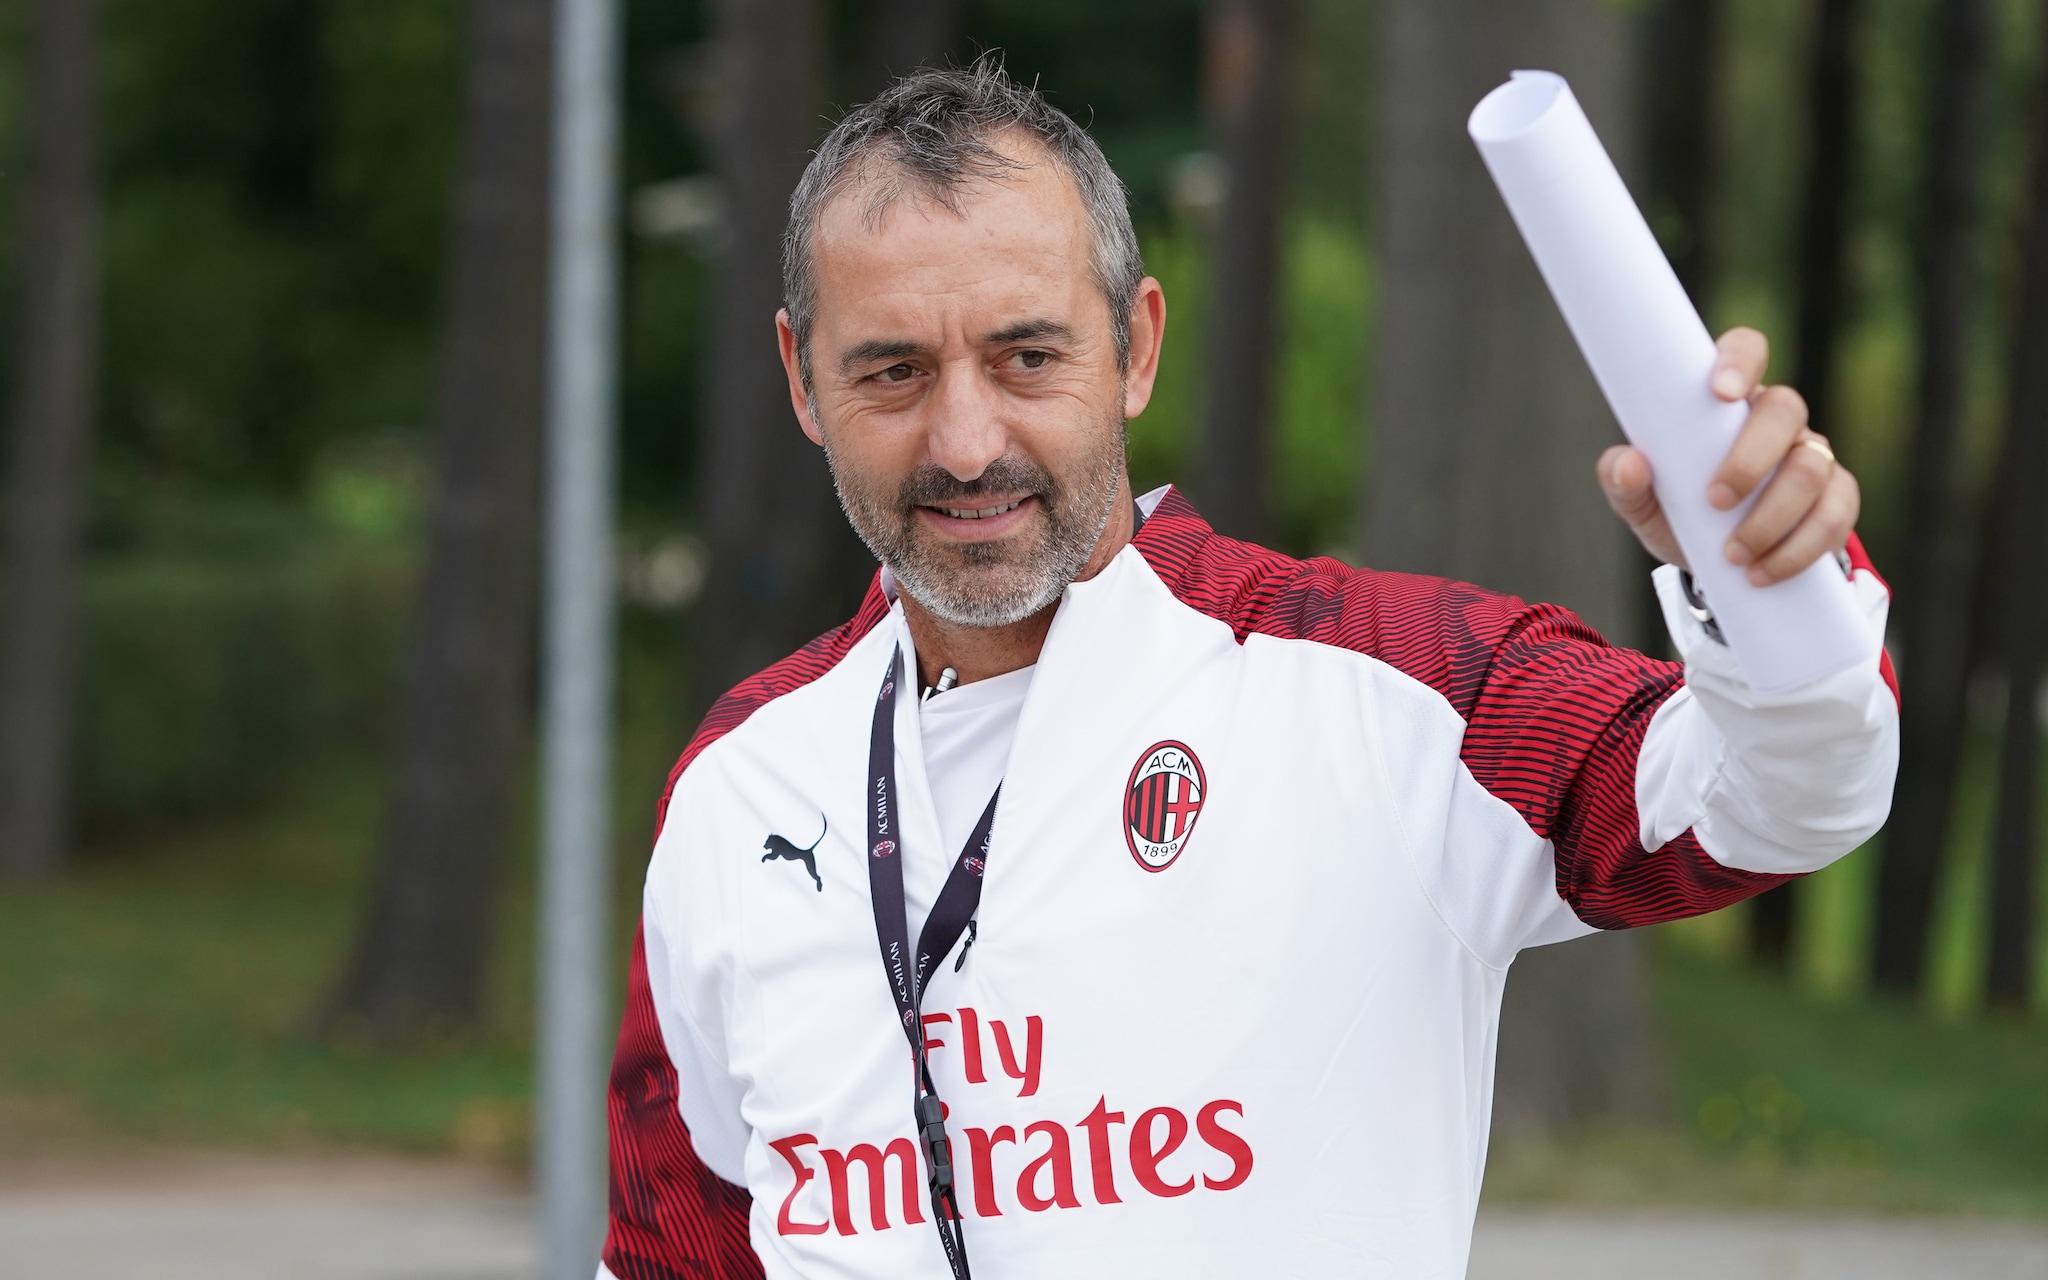 Con Giampaolo allenatore Fabio Quagliarella ha conquistato il titolo di capocannoniere.